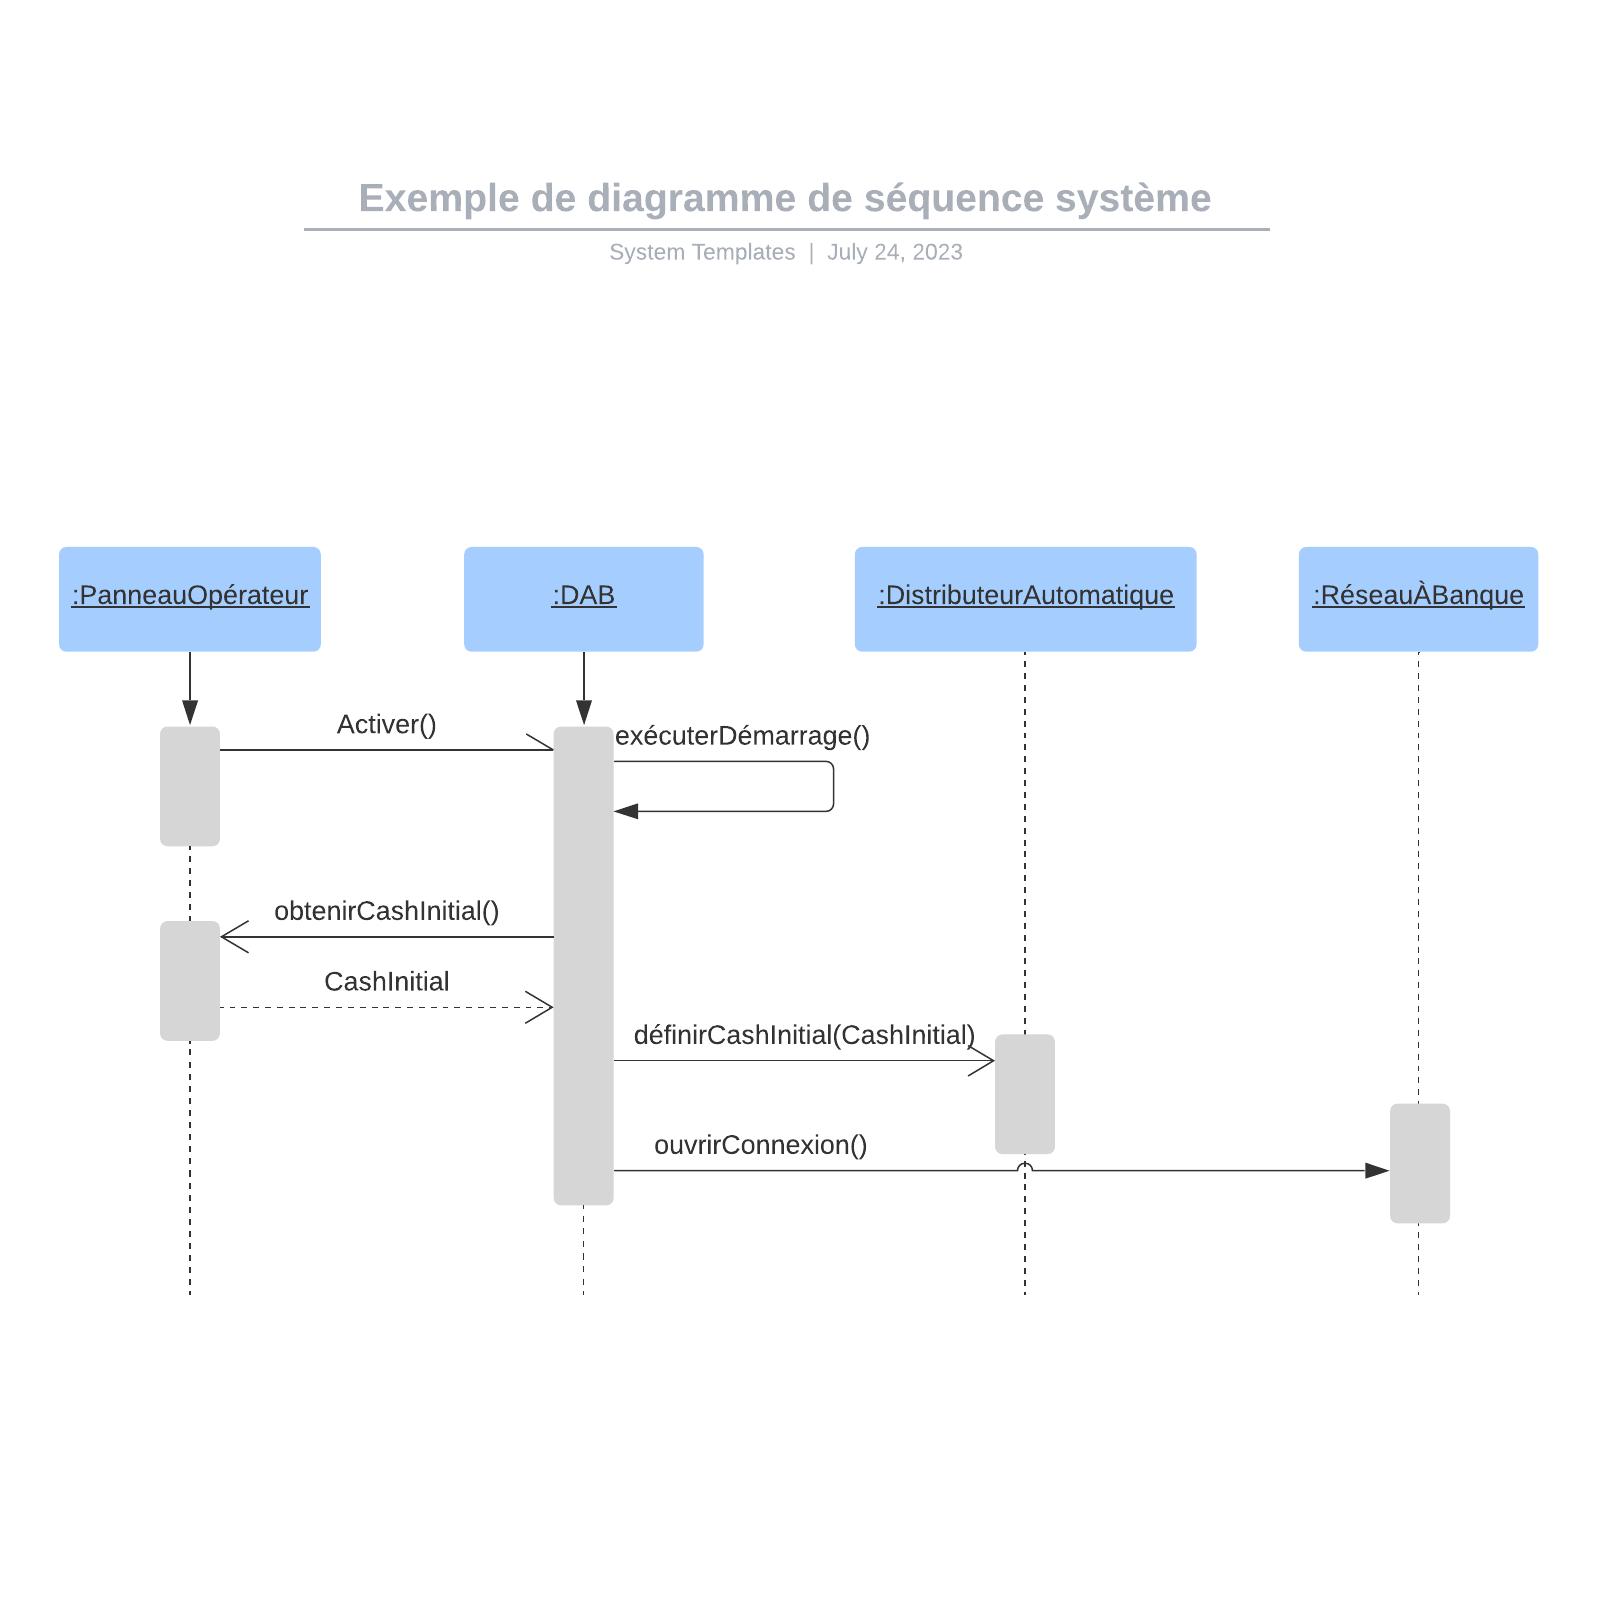 exemple de diagramme de séquence système